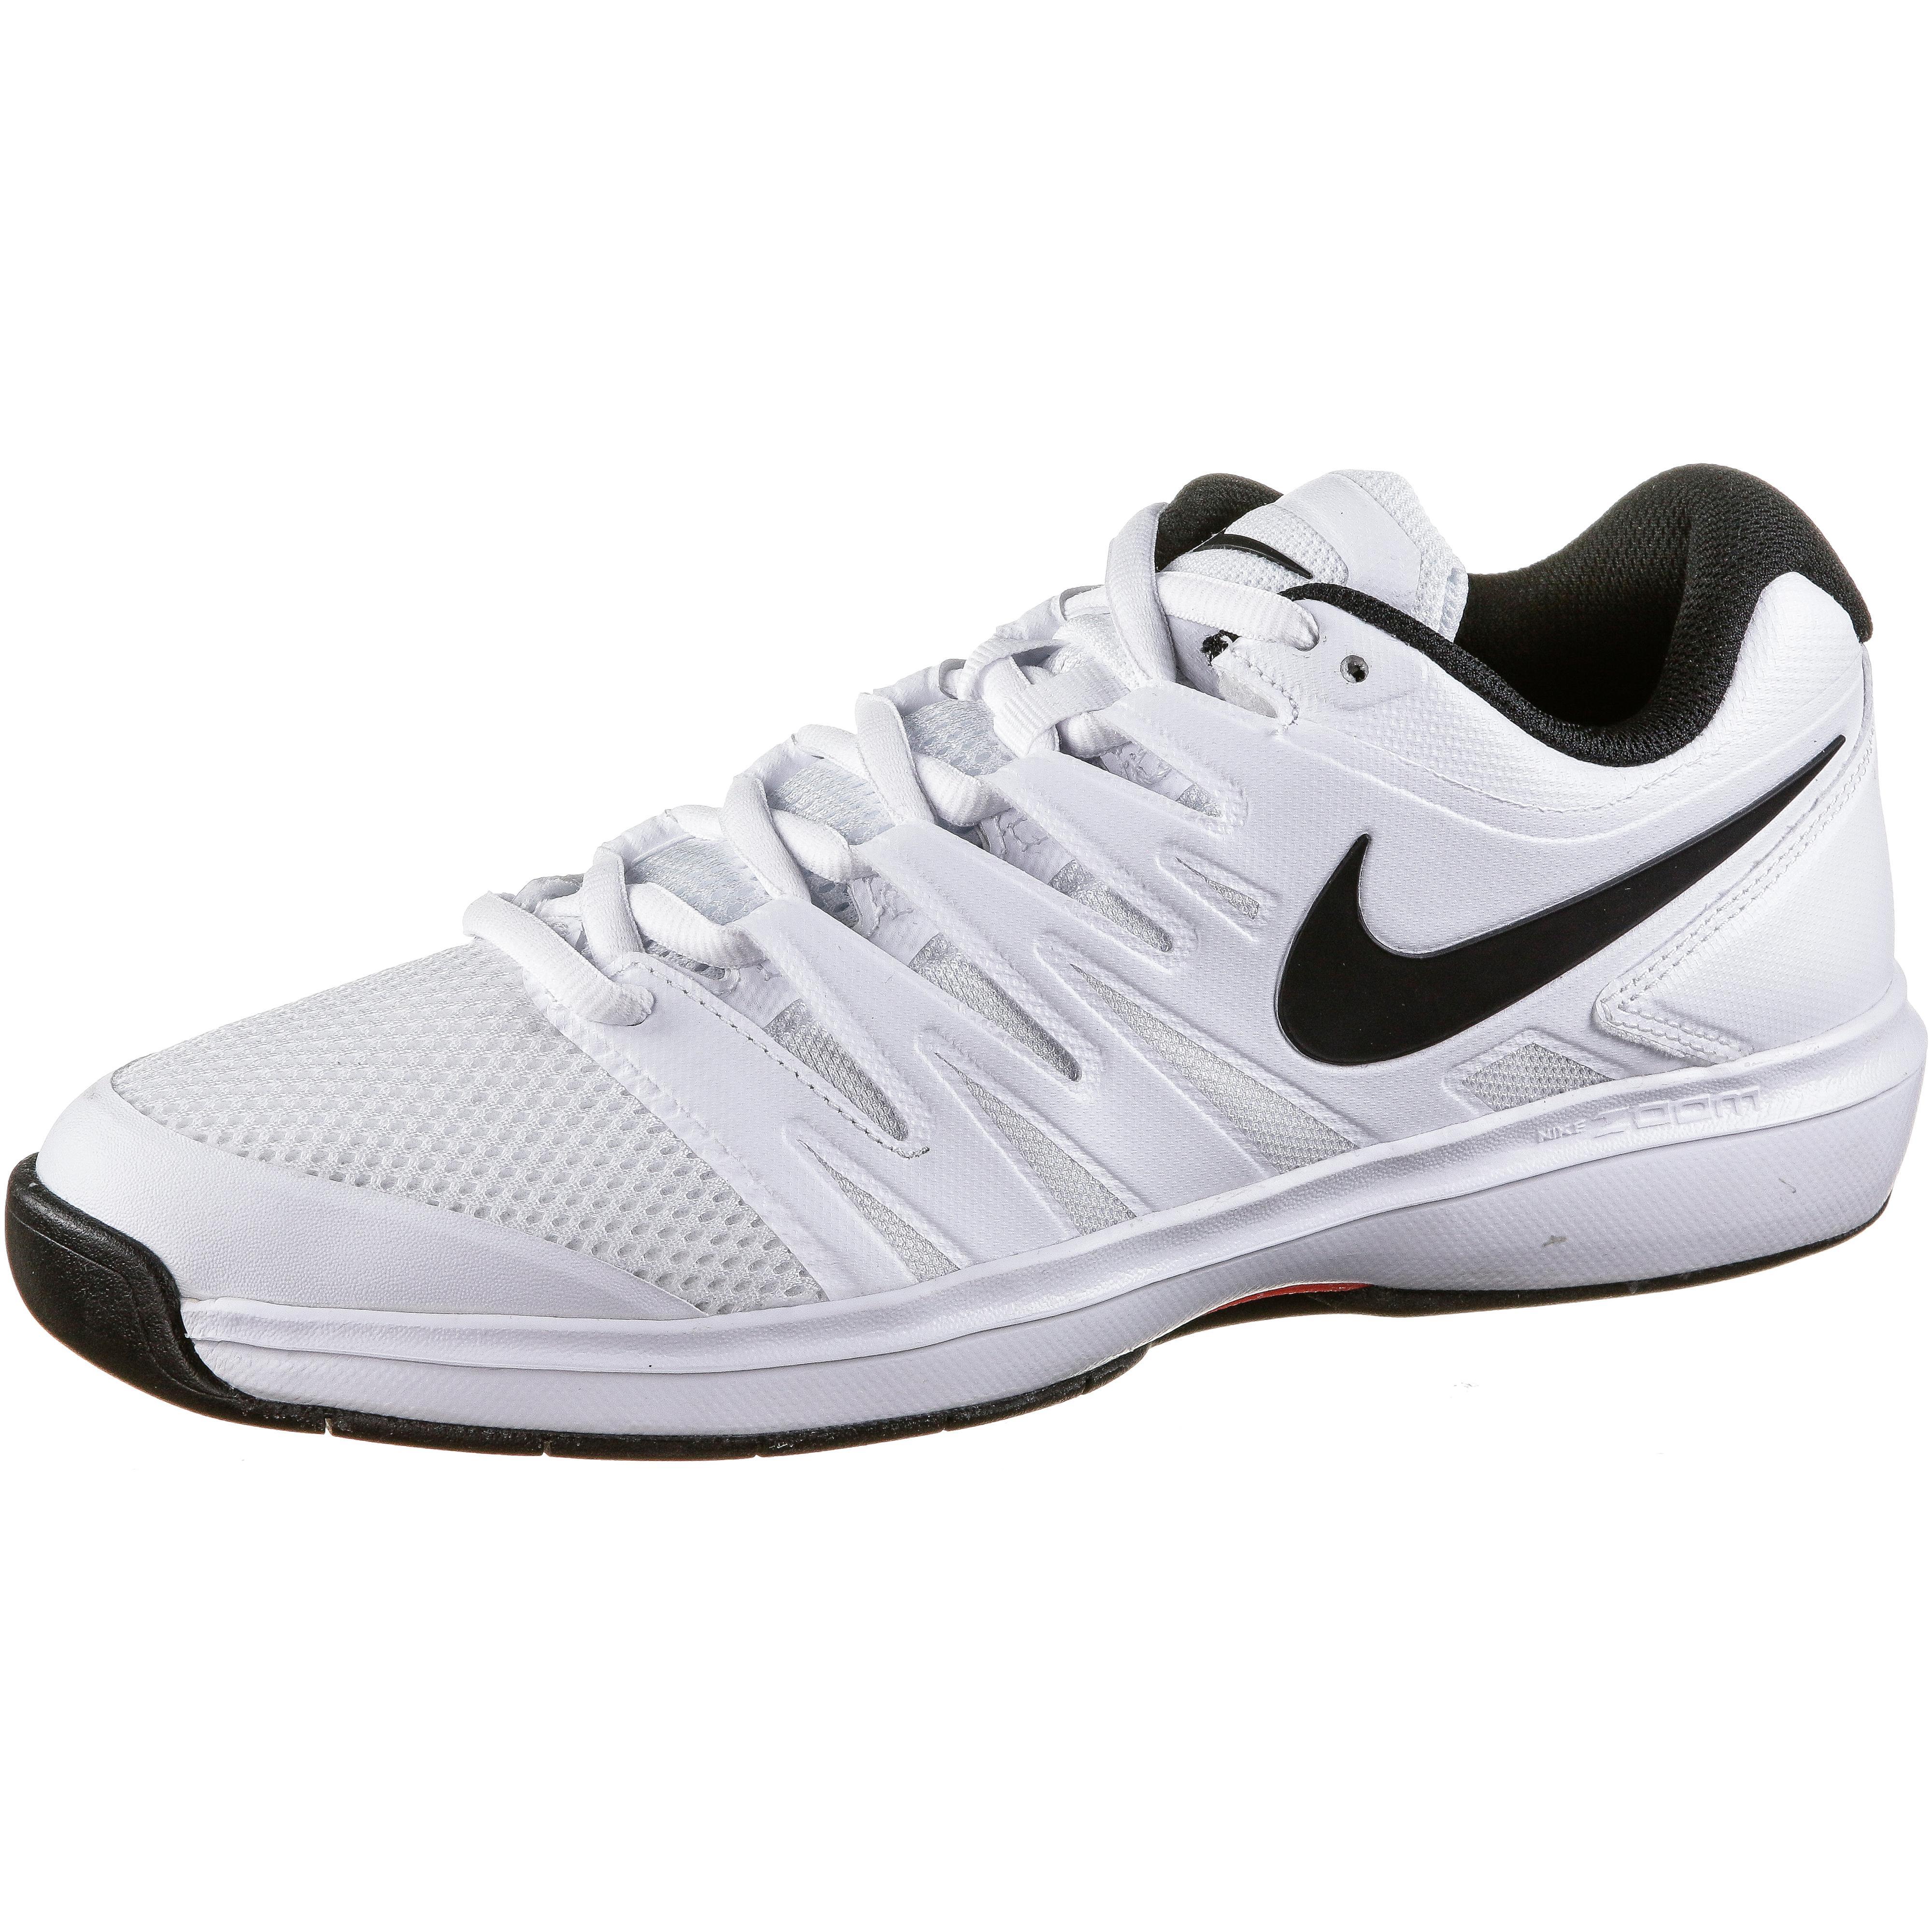 Nike AIR ZOOM PRESTIGE CPT Tennisschuhe Herren white black bright crimson im Online Shop von SportScheck kaufen